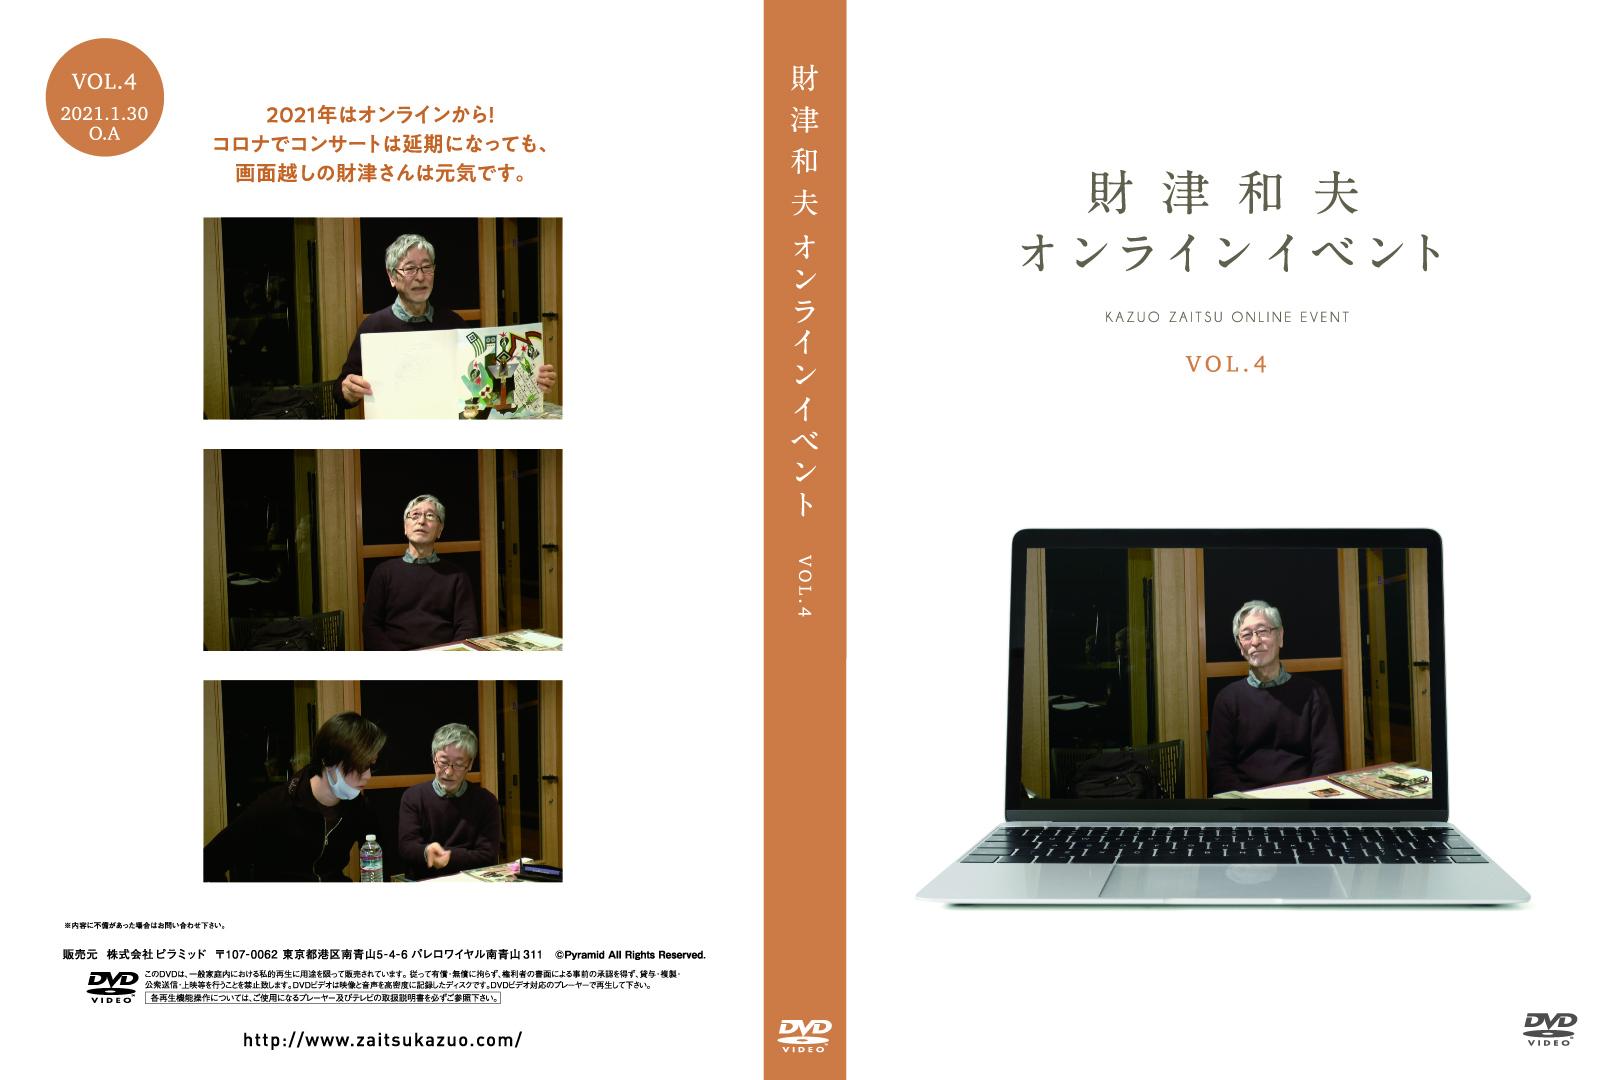 財津和夫オンラインイベントDVD Vol.4 - 画像1